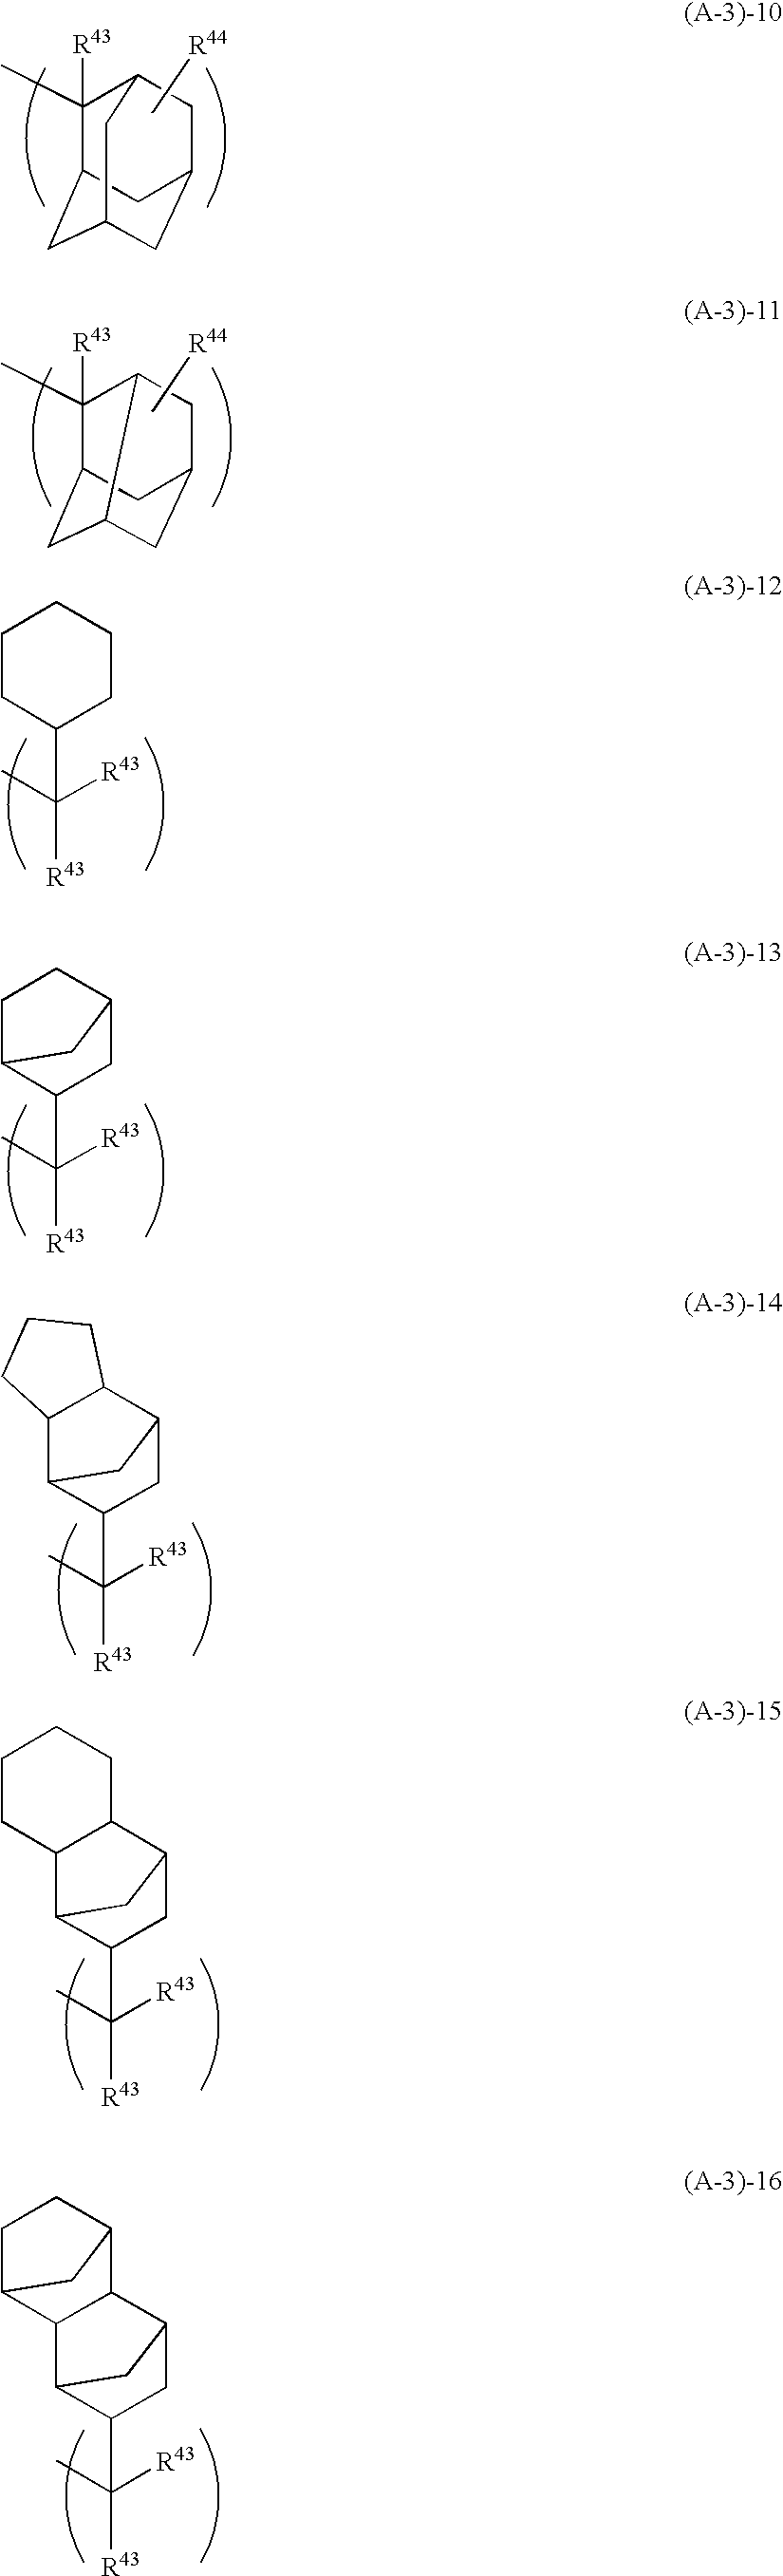 Figure US20040241579A1-20041202-C00020